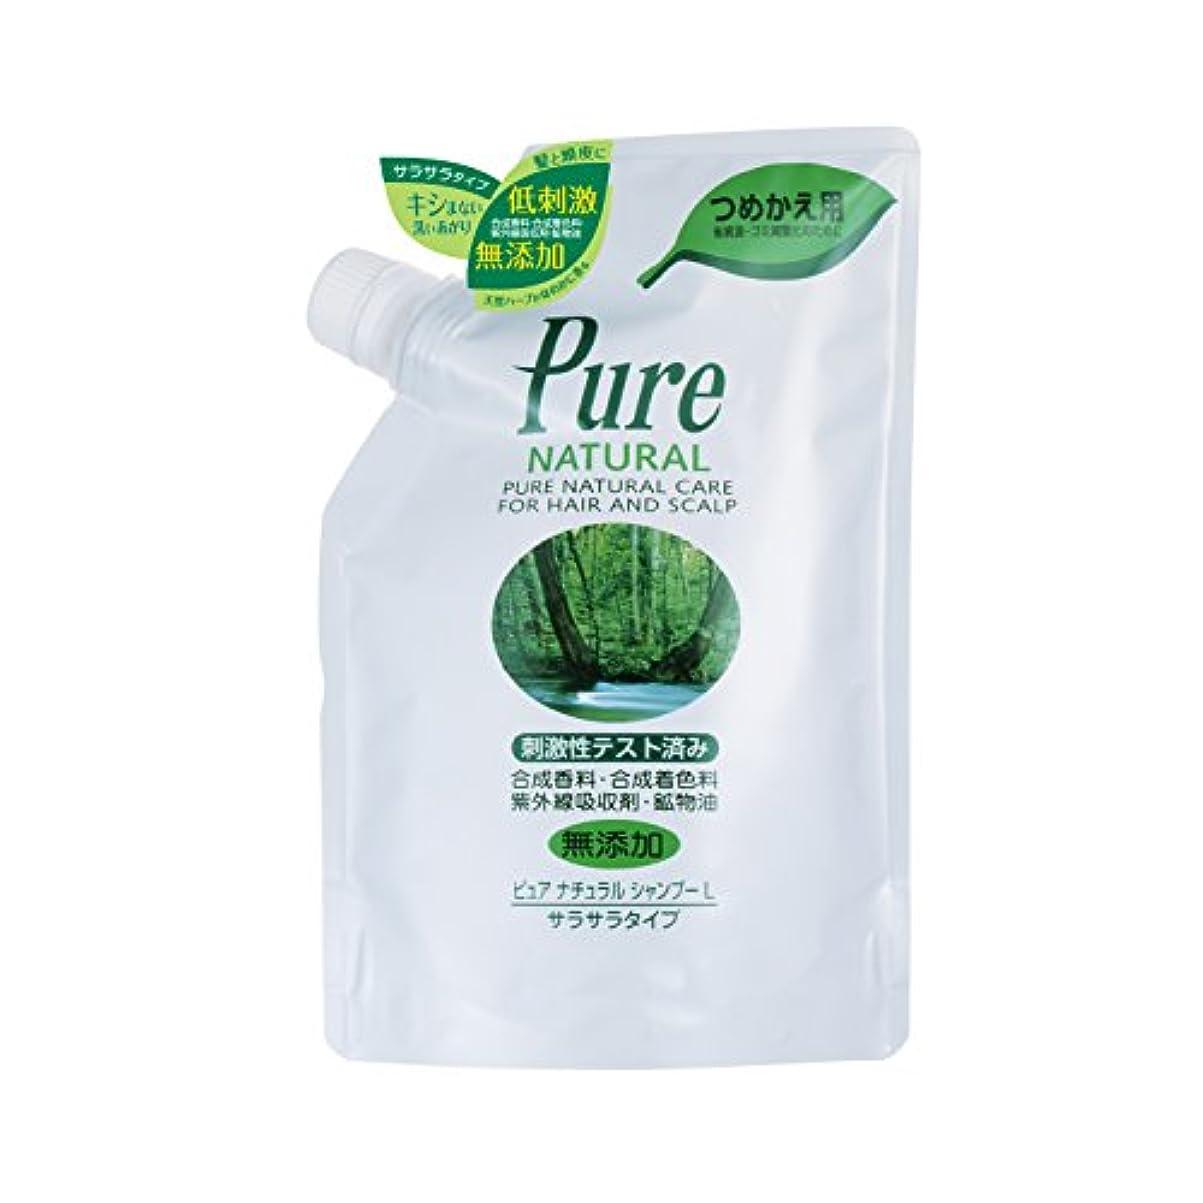 トランペット嫌悪地理Pure NATURAL(ピュアナチュラル) シャンプー L (サラサラタイプ) 詰替用400ml